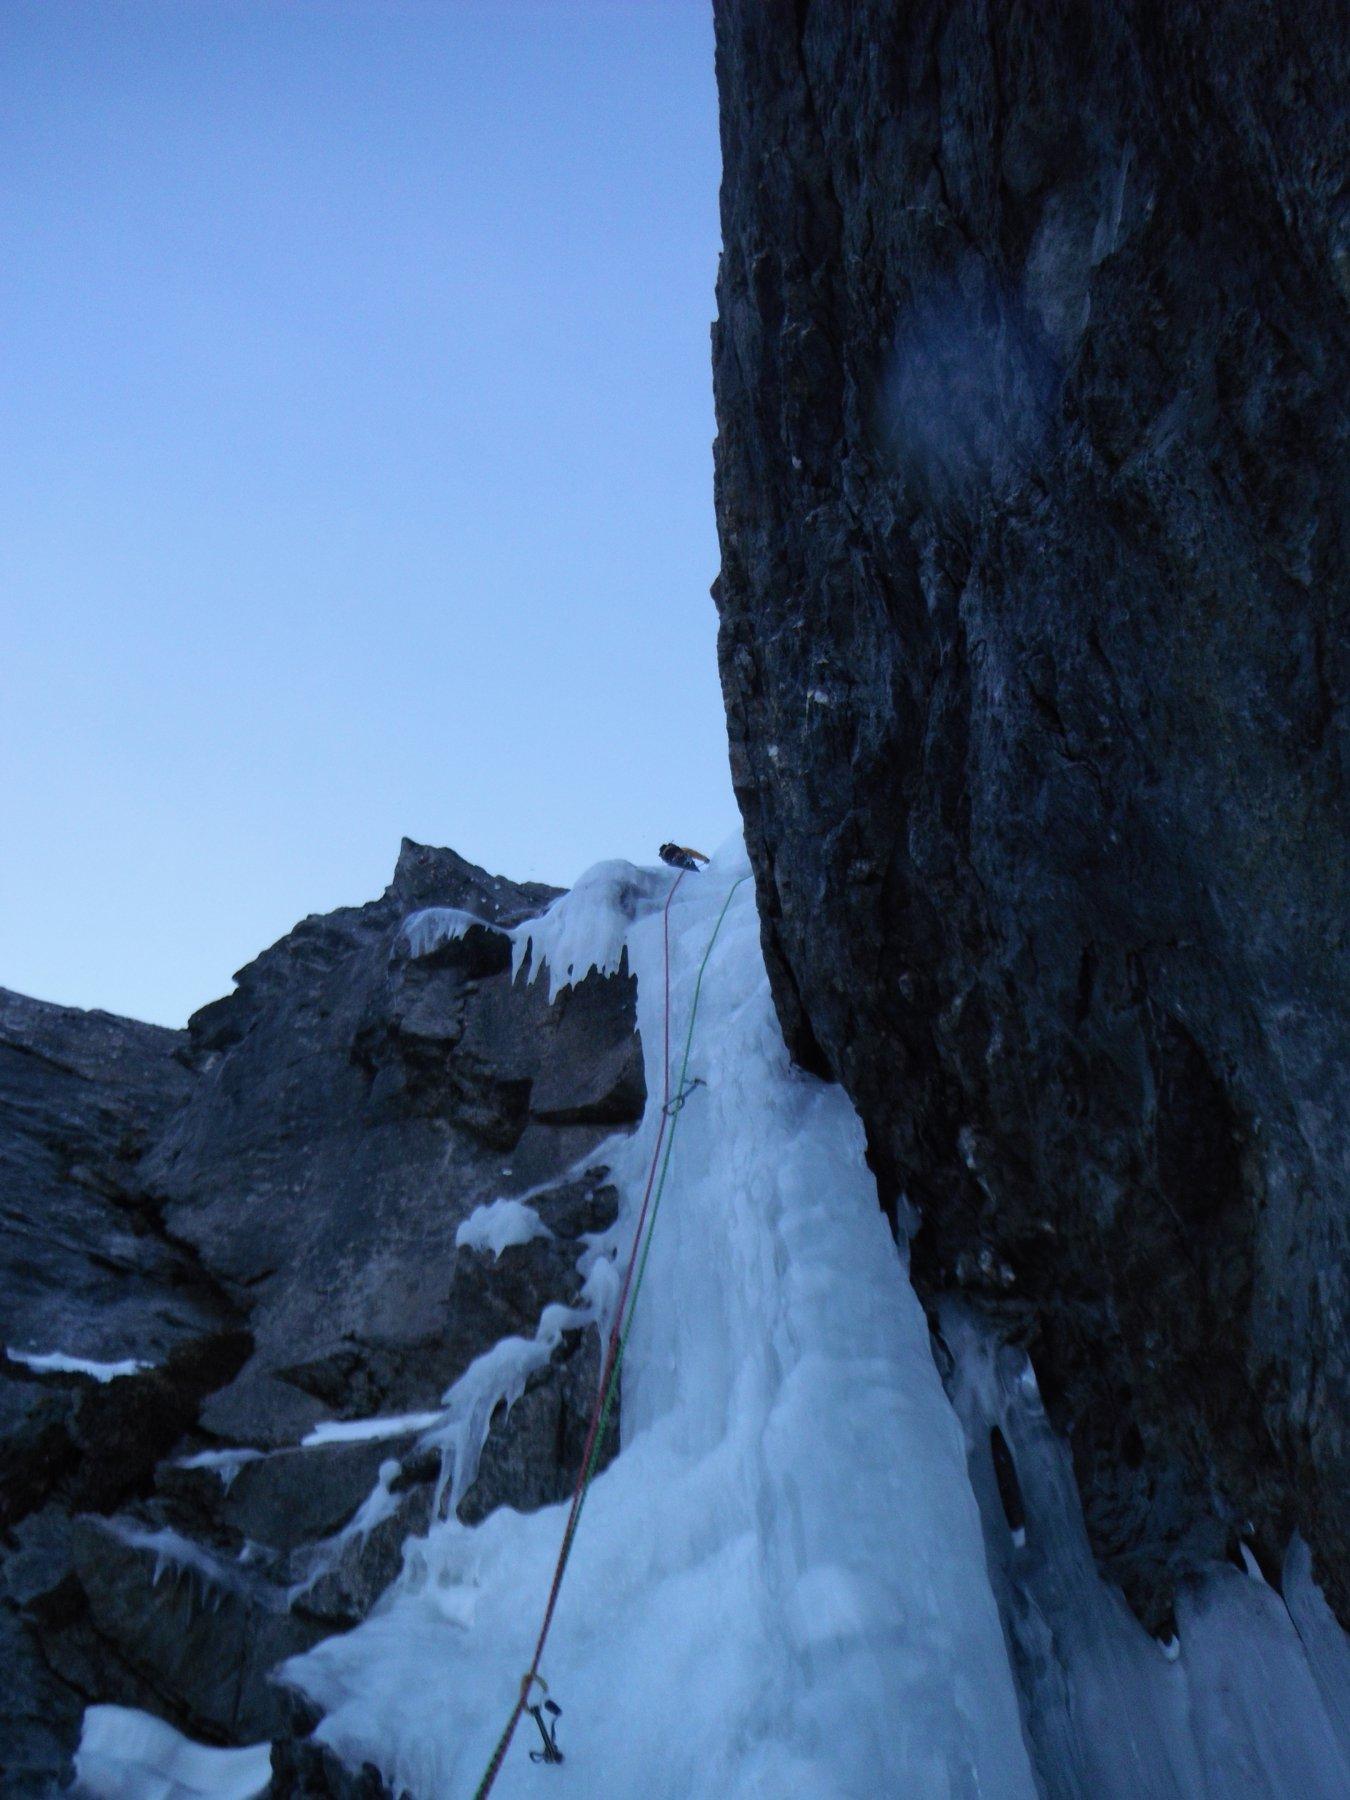 sul tratto in ghiaccio duro